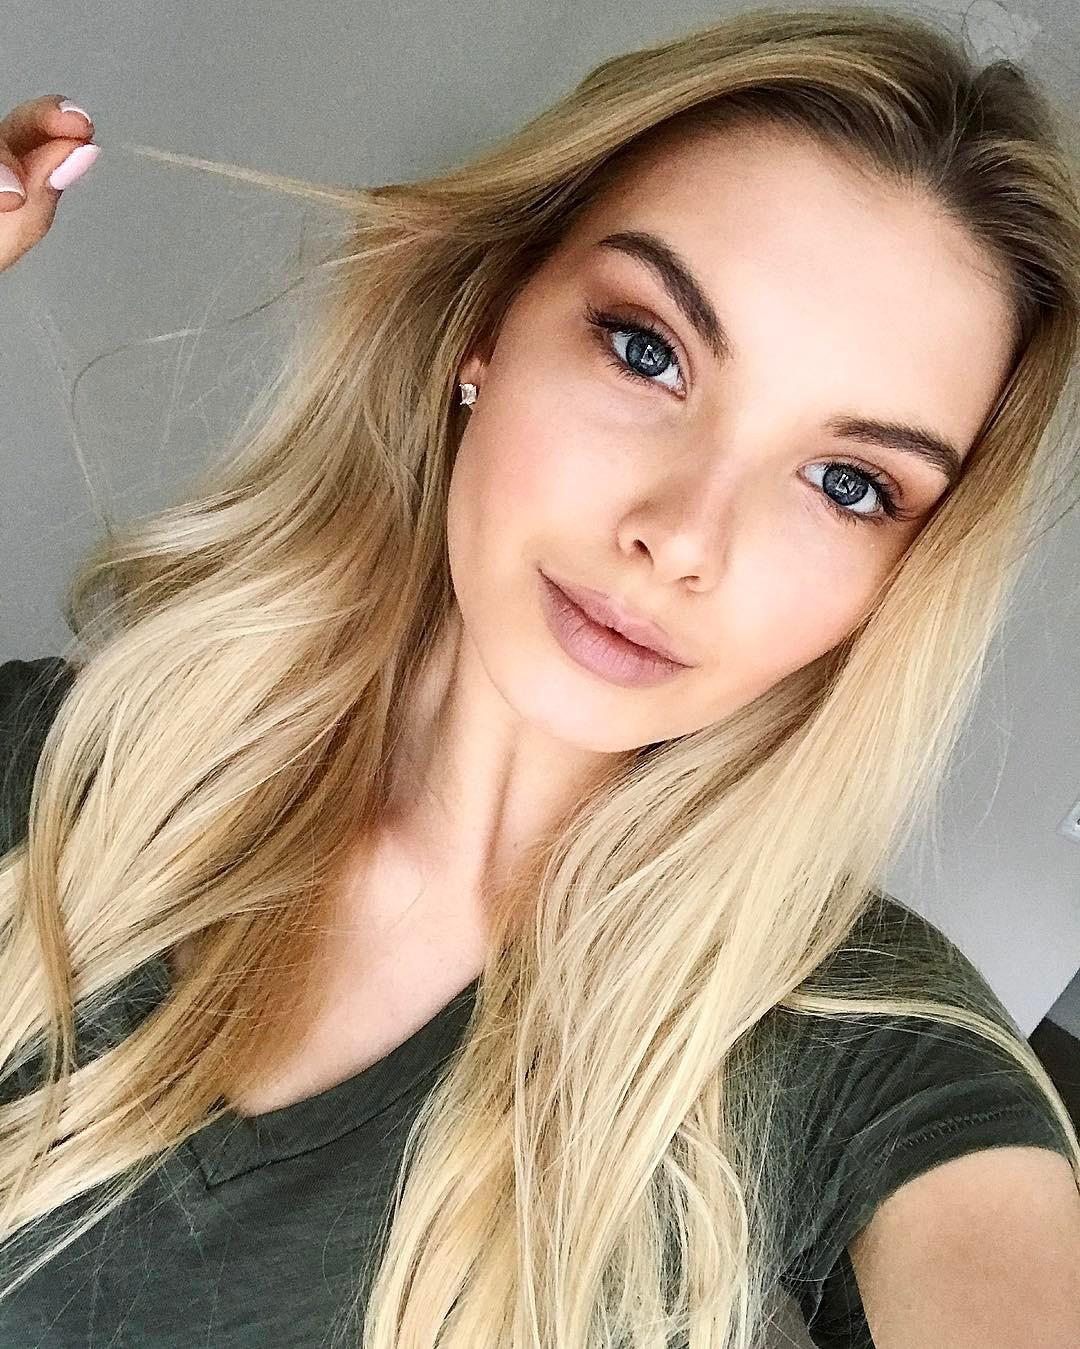 10 лучших селфи от новой «Мисс Россия 2017»